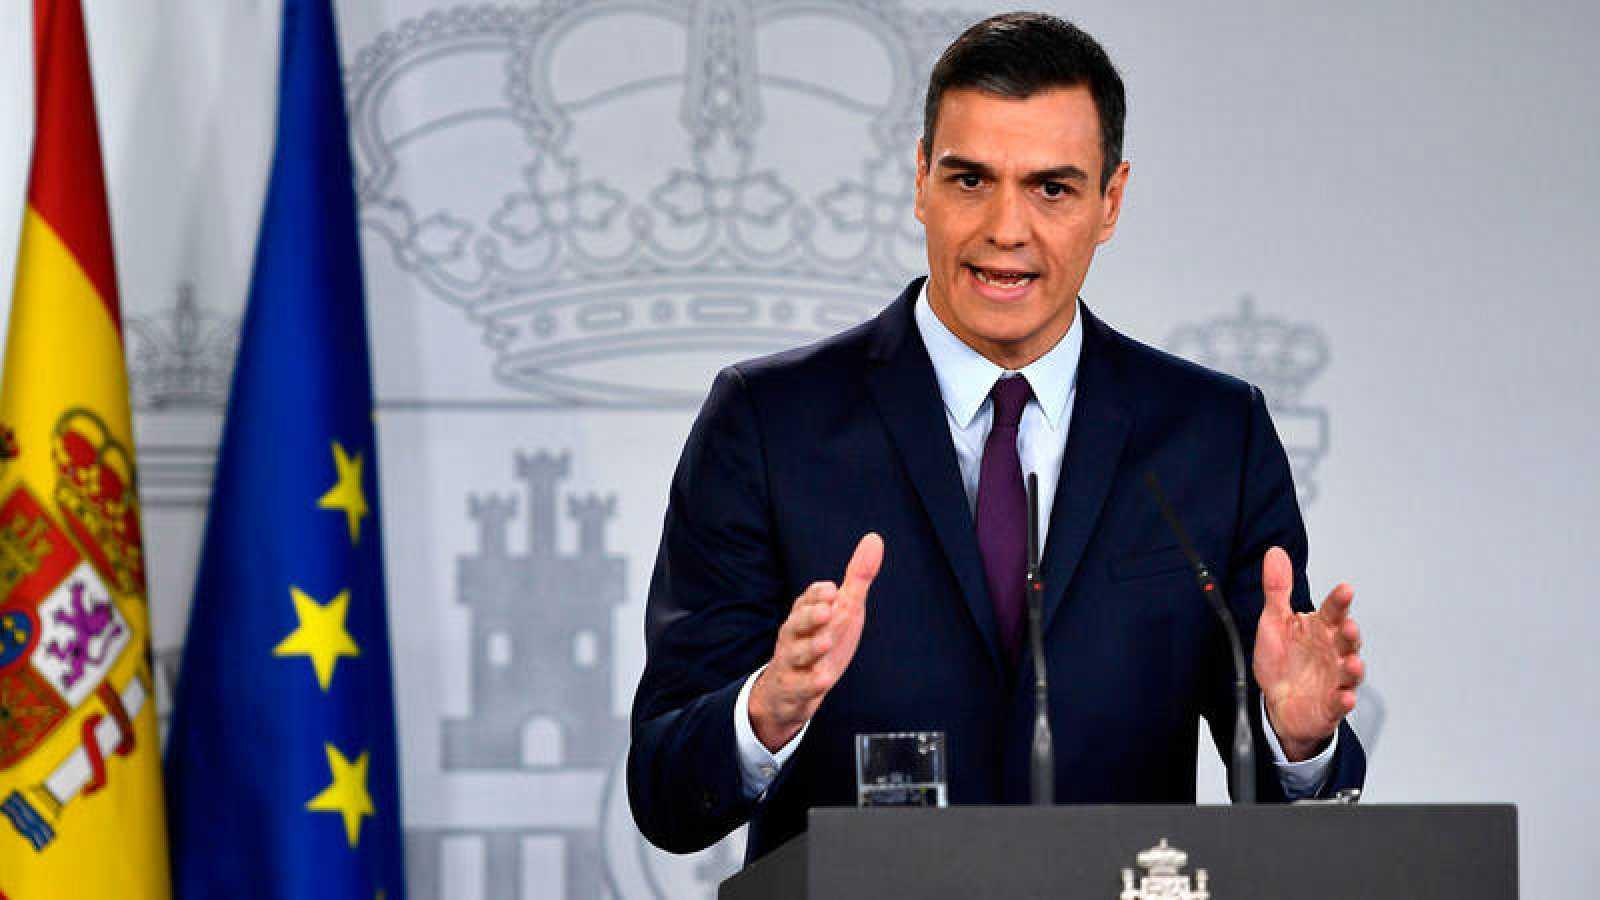 El presidente del Gobierno, Pedro Sánchez, durante la comparecencia de prensa en la que ha anunciado la convocatoria de elecciones generales